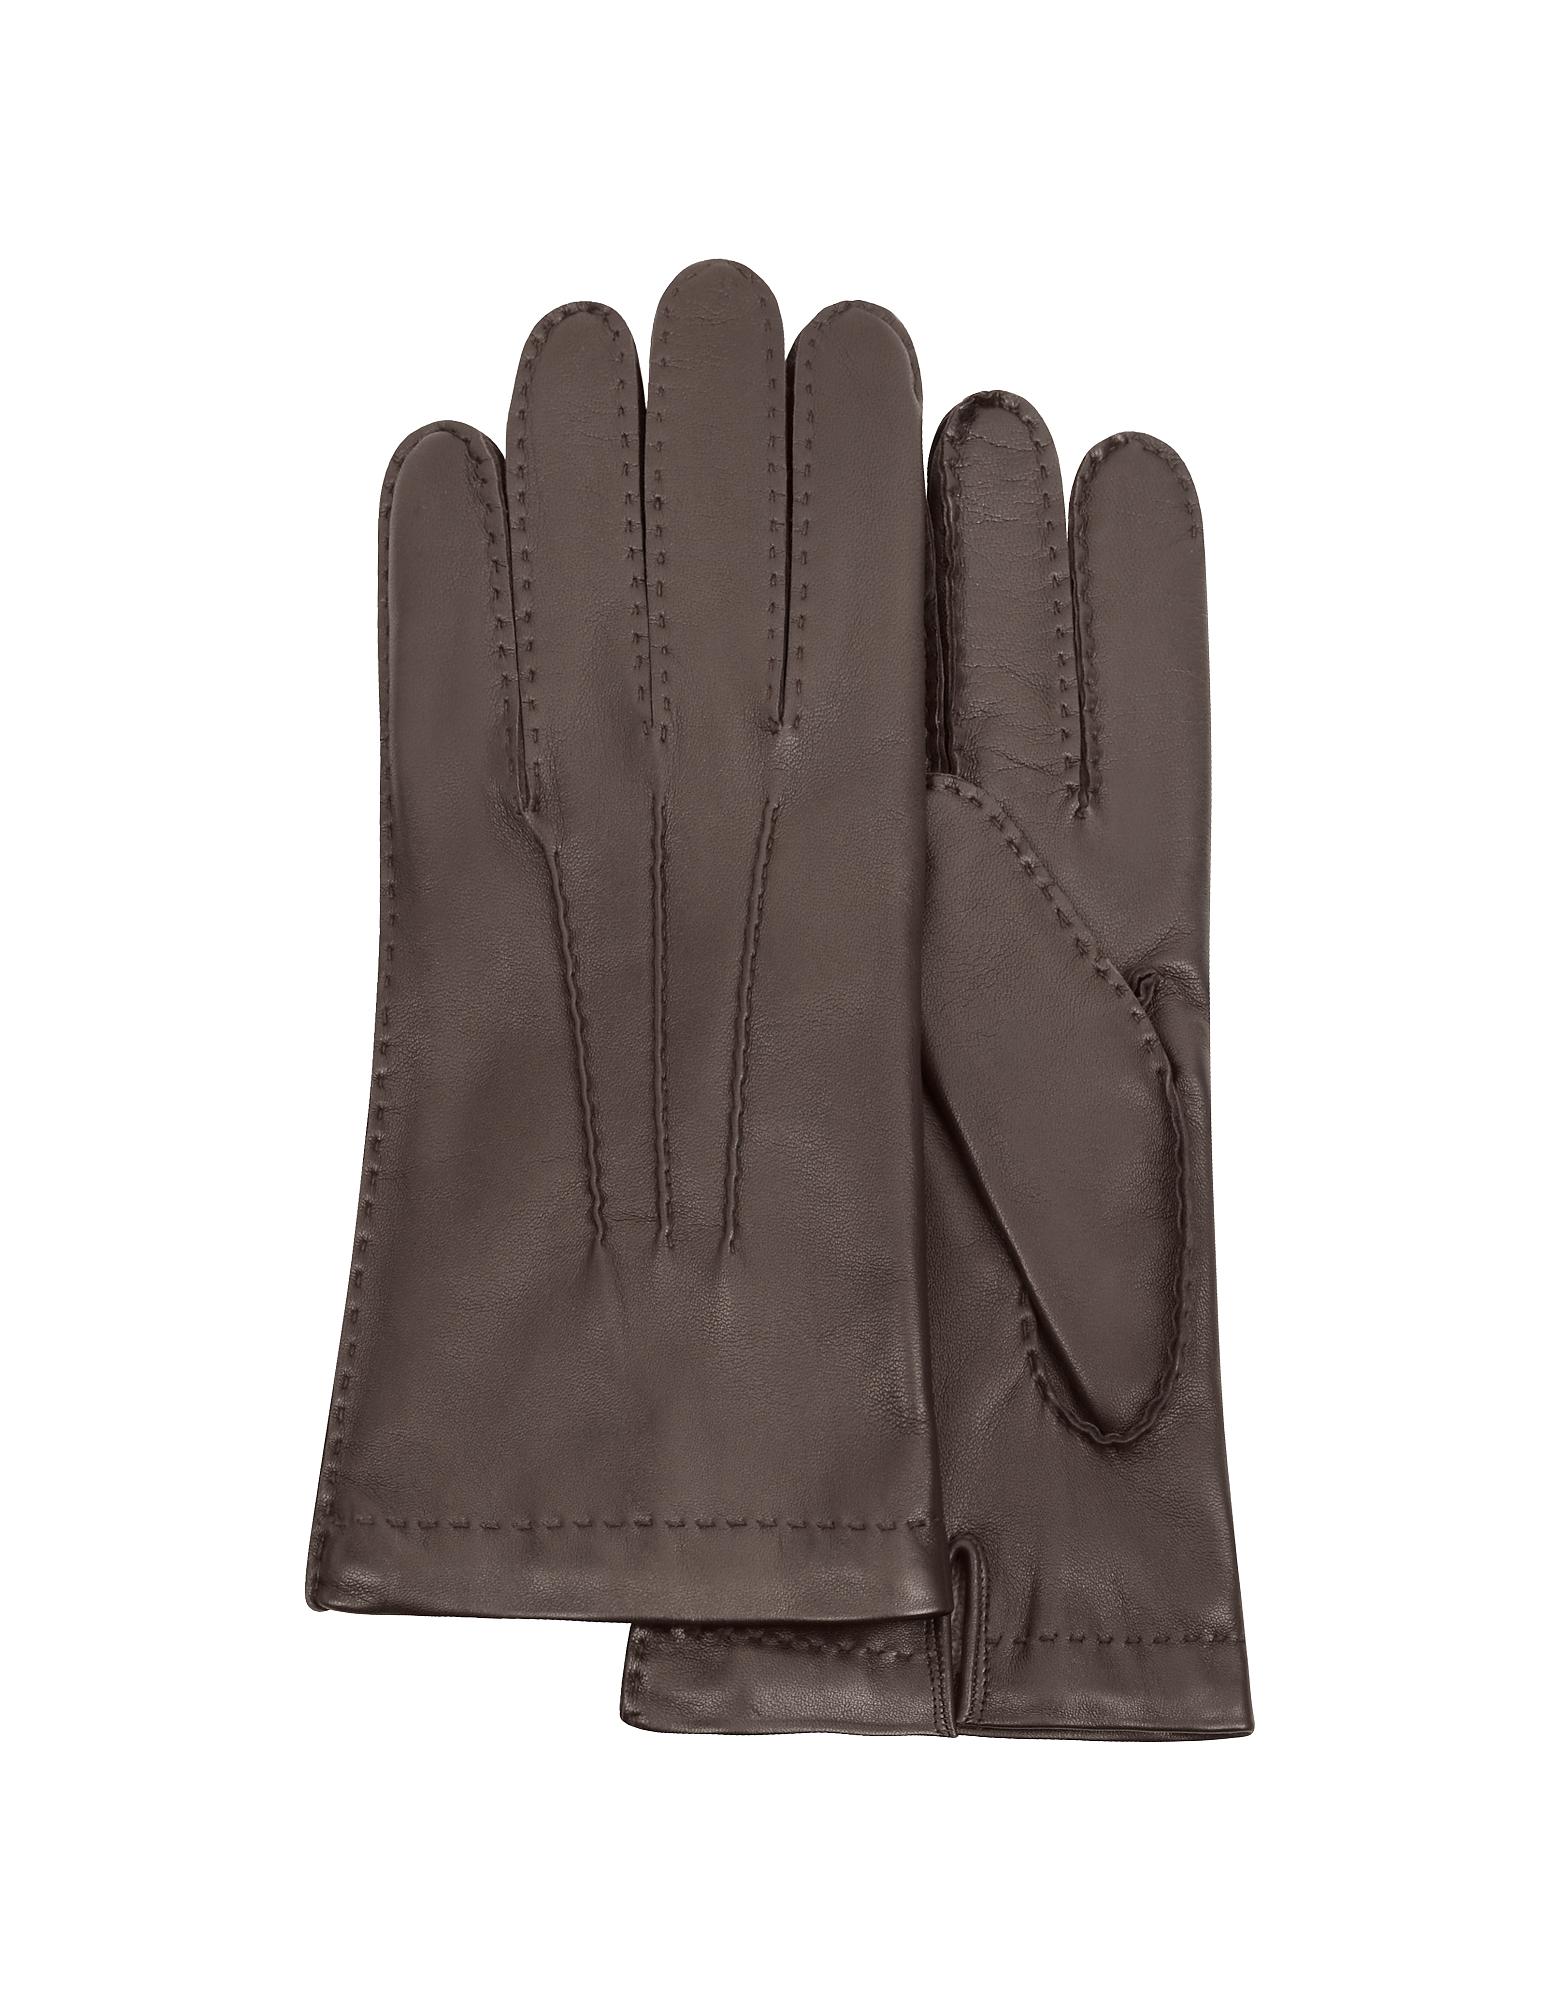 Forzieri 福喜利 男士手套, 深棕色羊绒真皮男士手套